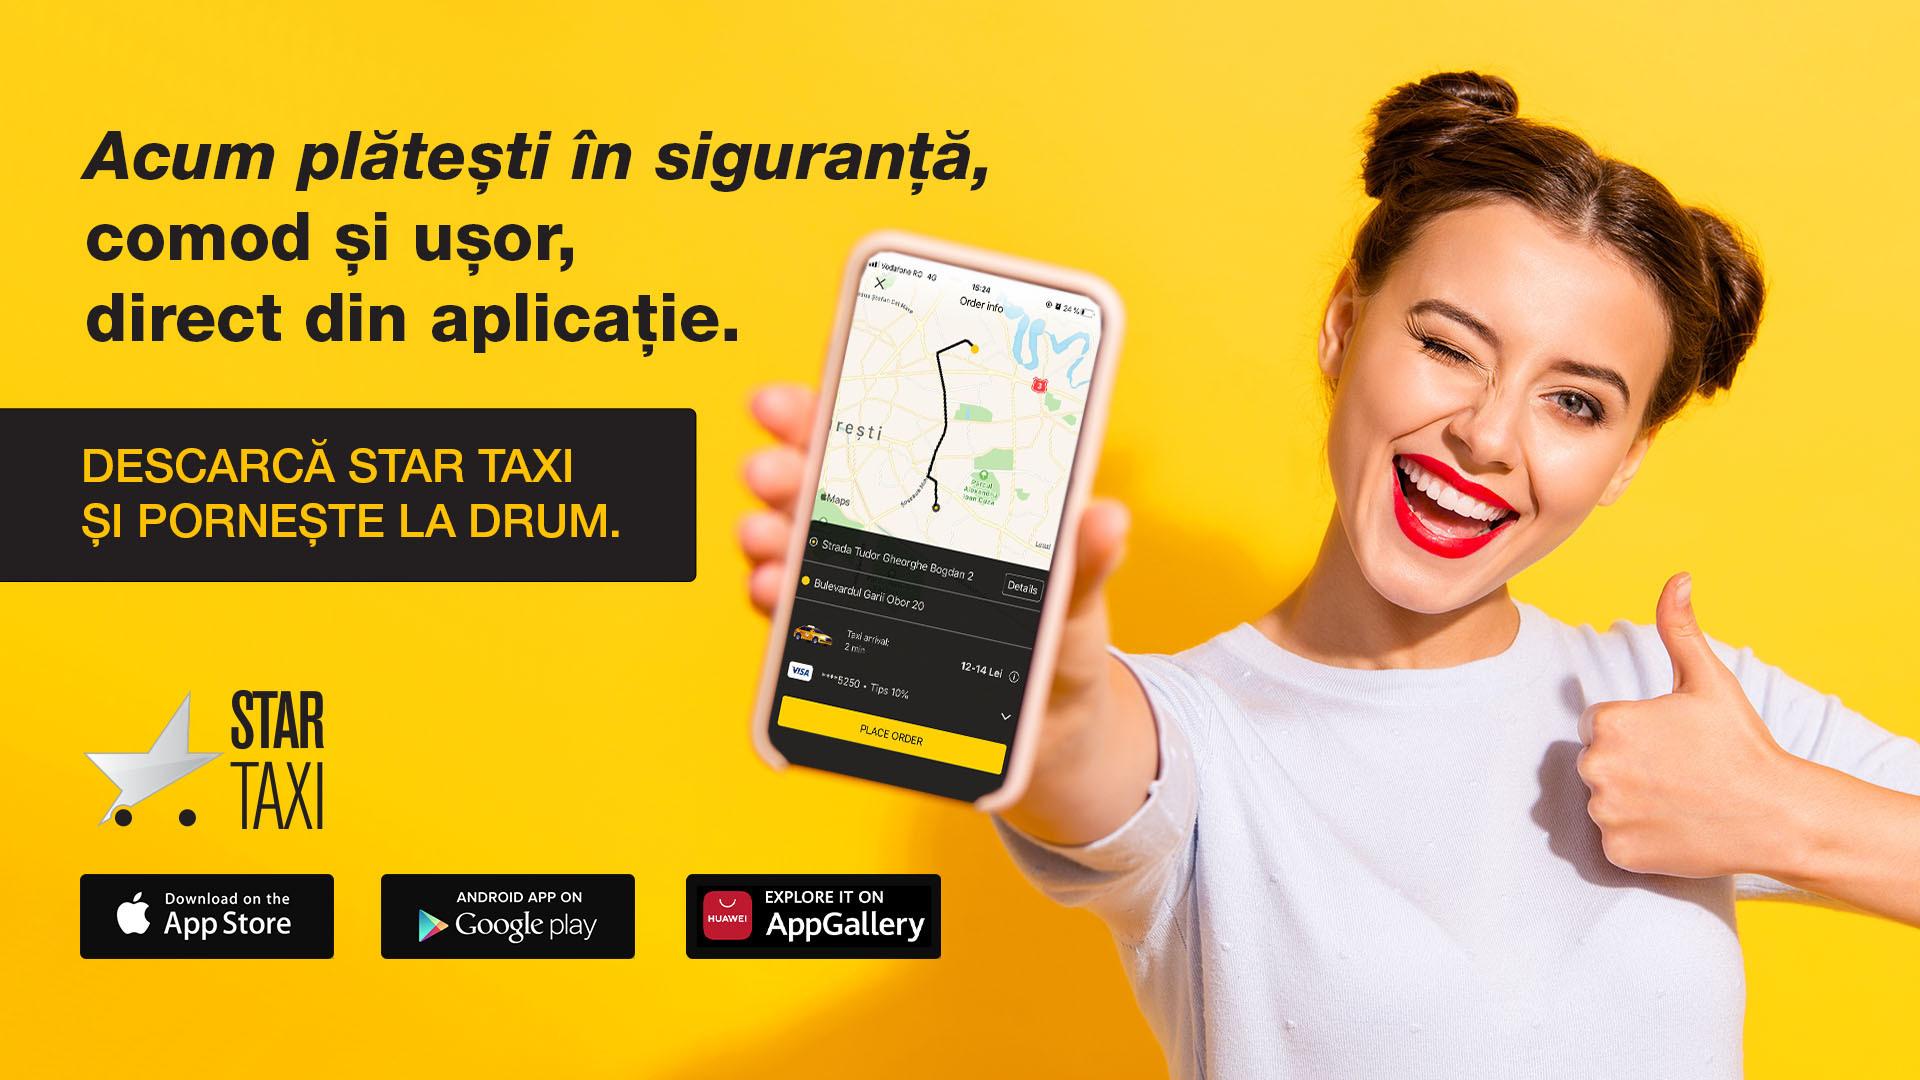 Star Taxi App depășește 80 de milioane de comenzi